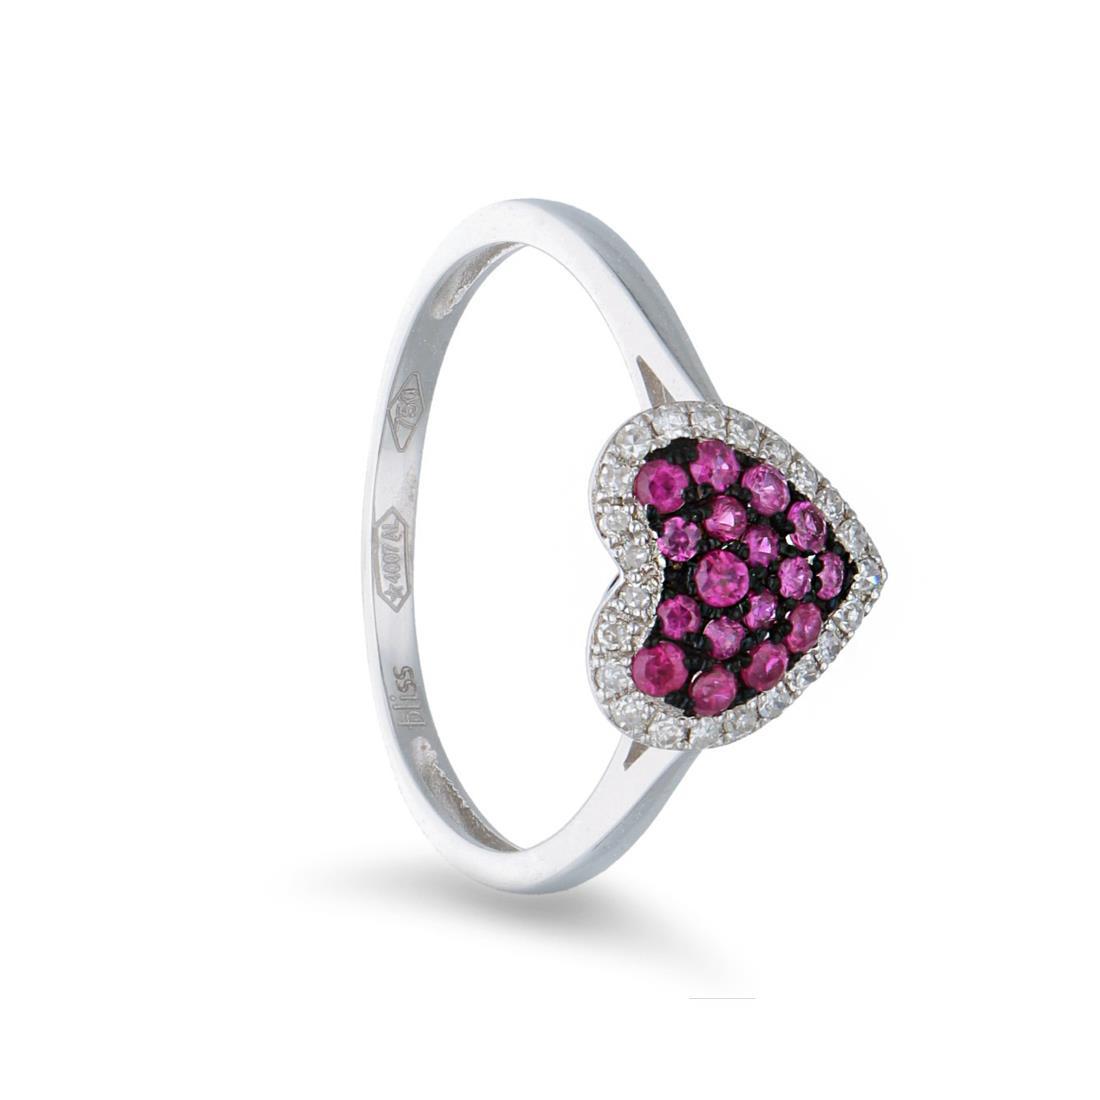 Anello con diamanti e rubini - BLISS